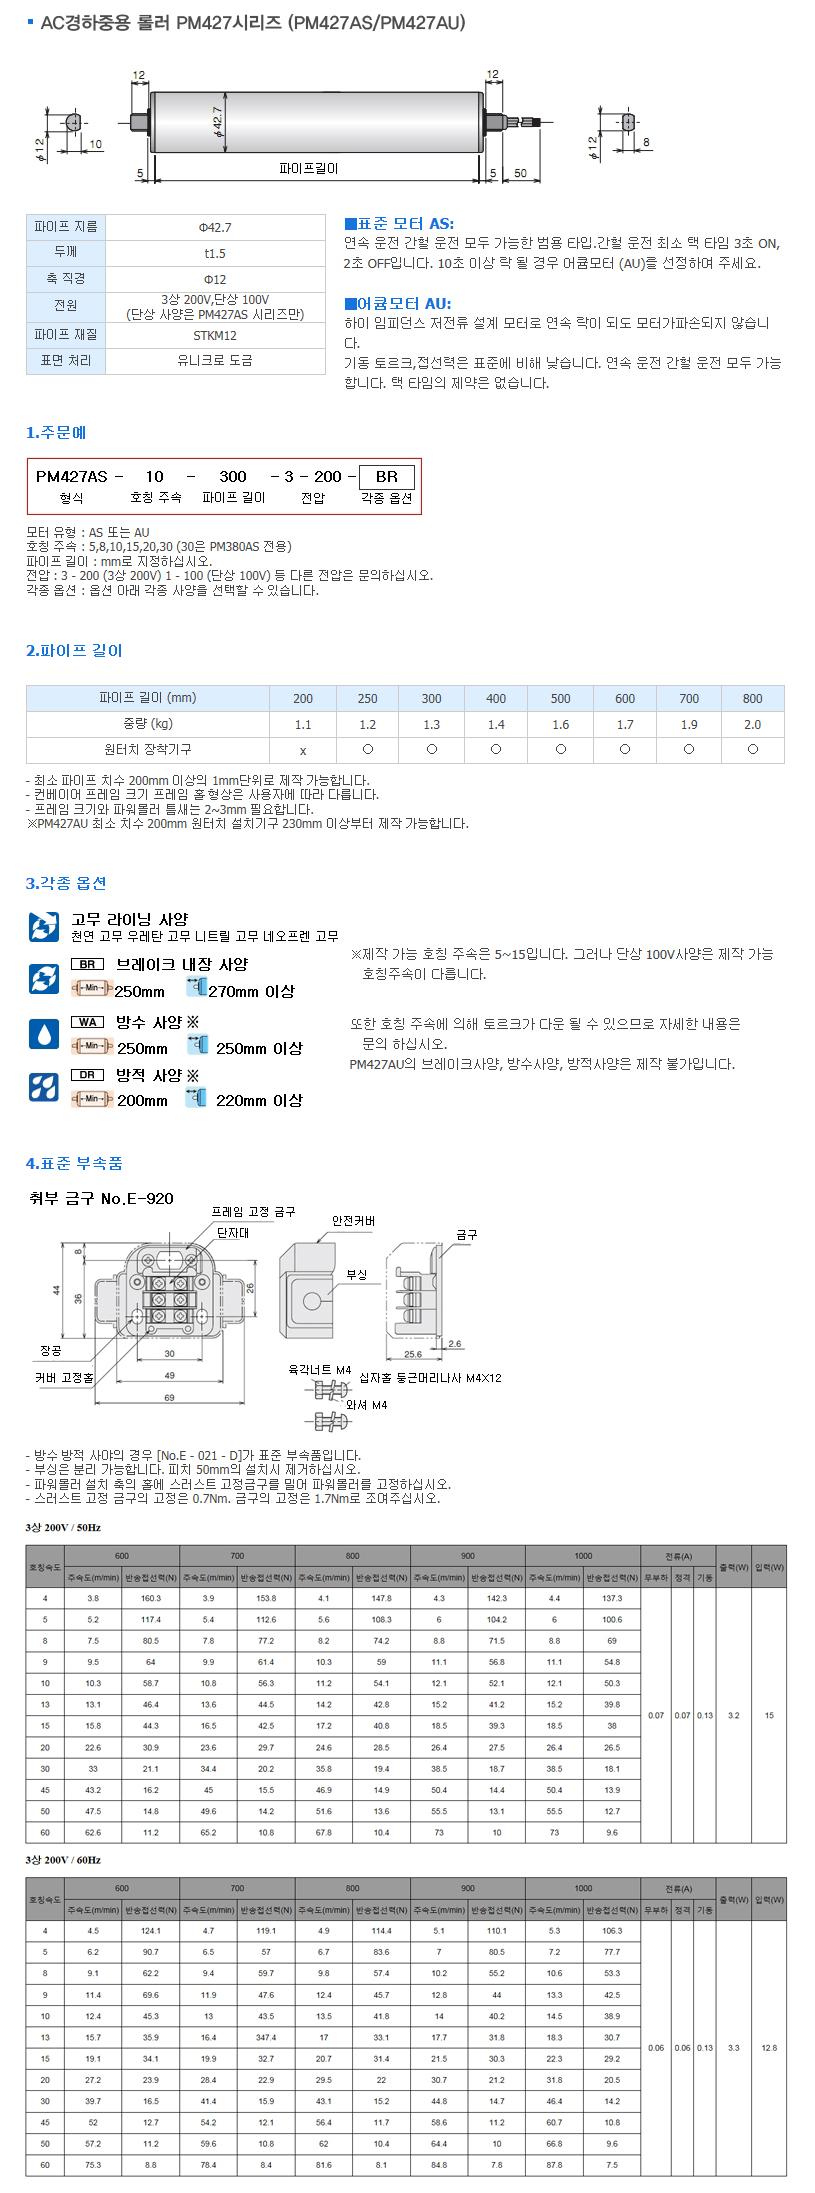 (주)은현산업 AC경하중용 롤러 PM427시리즈 PM427AS